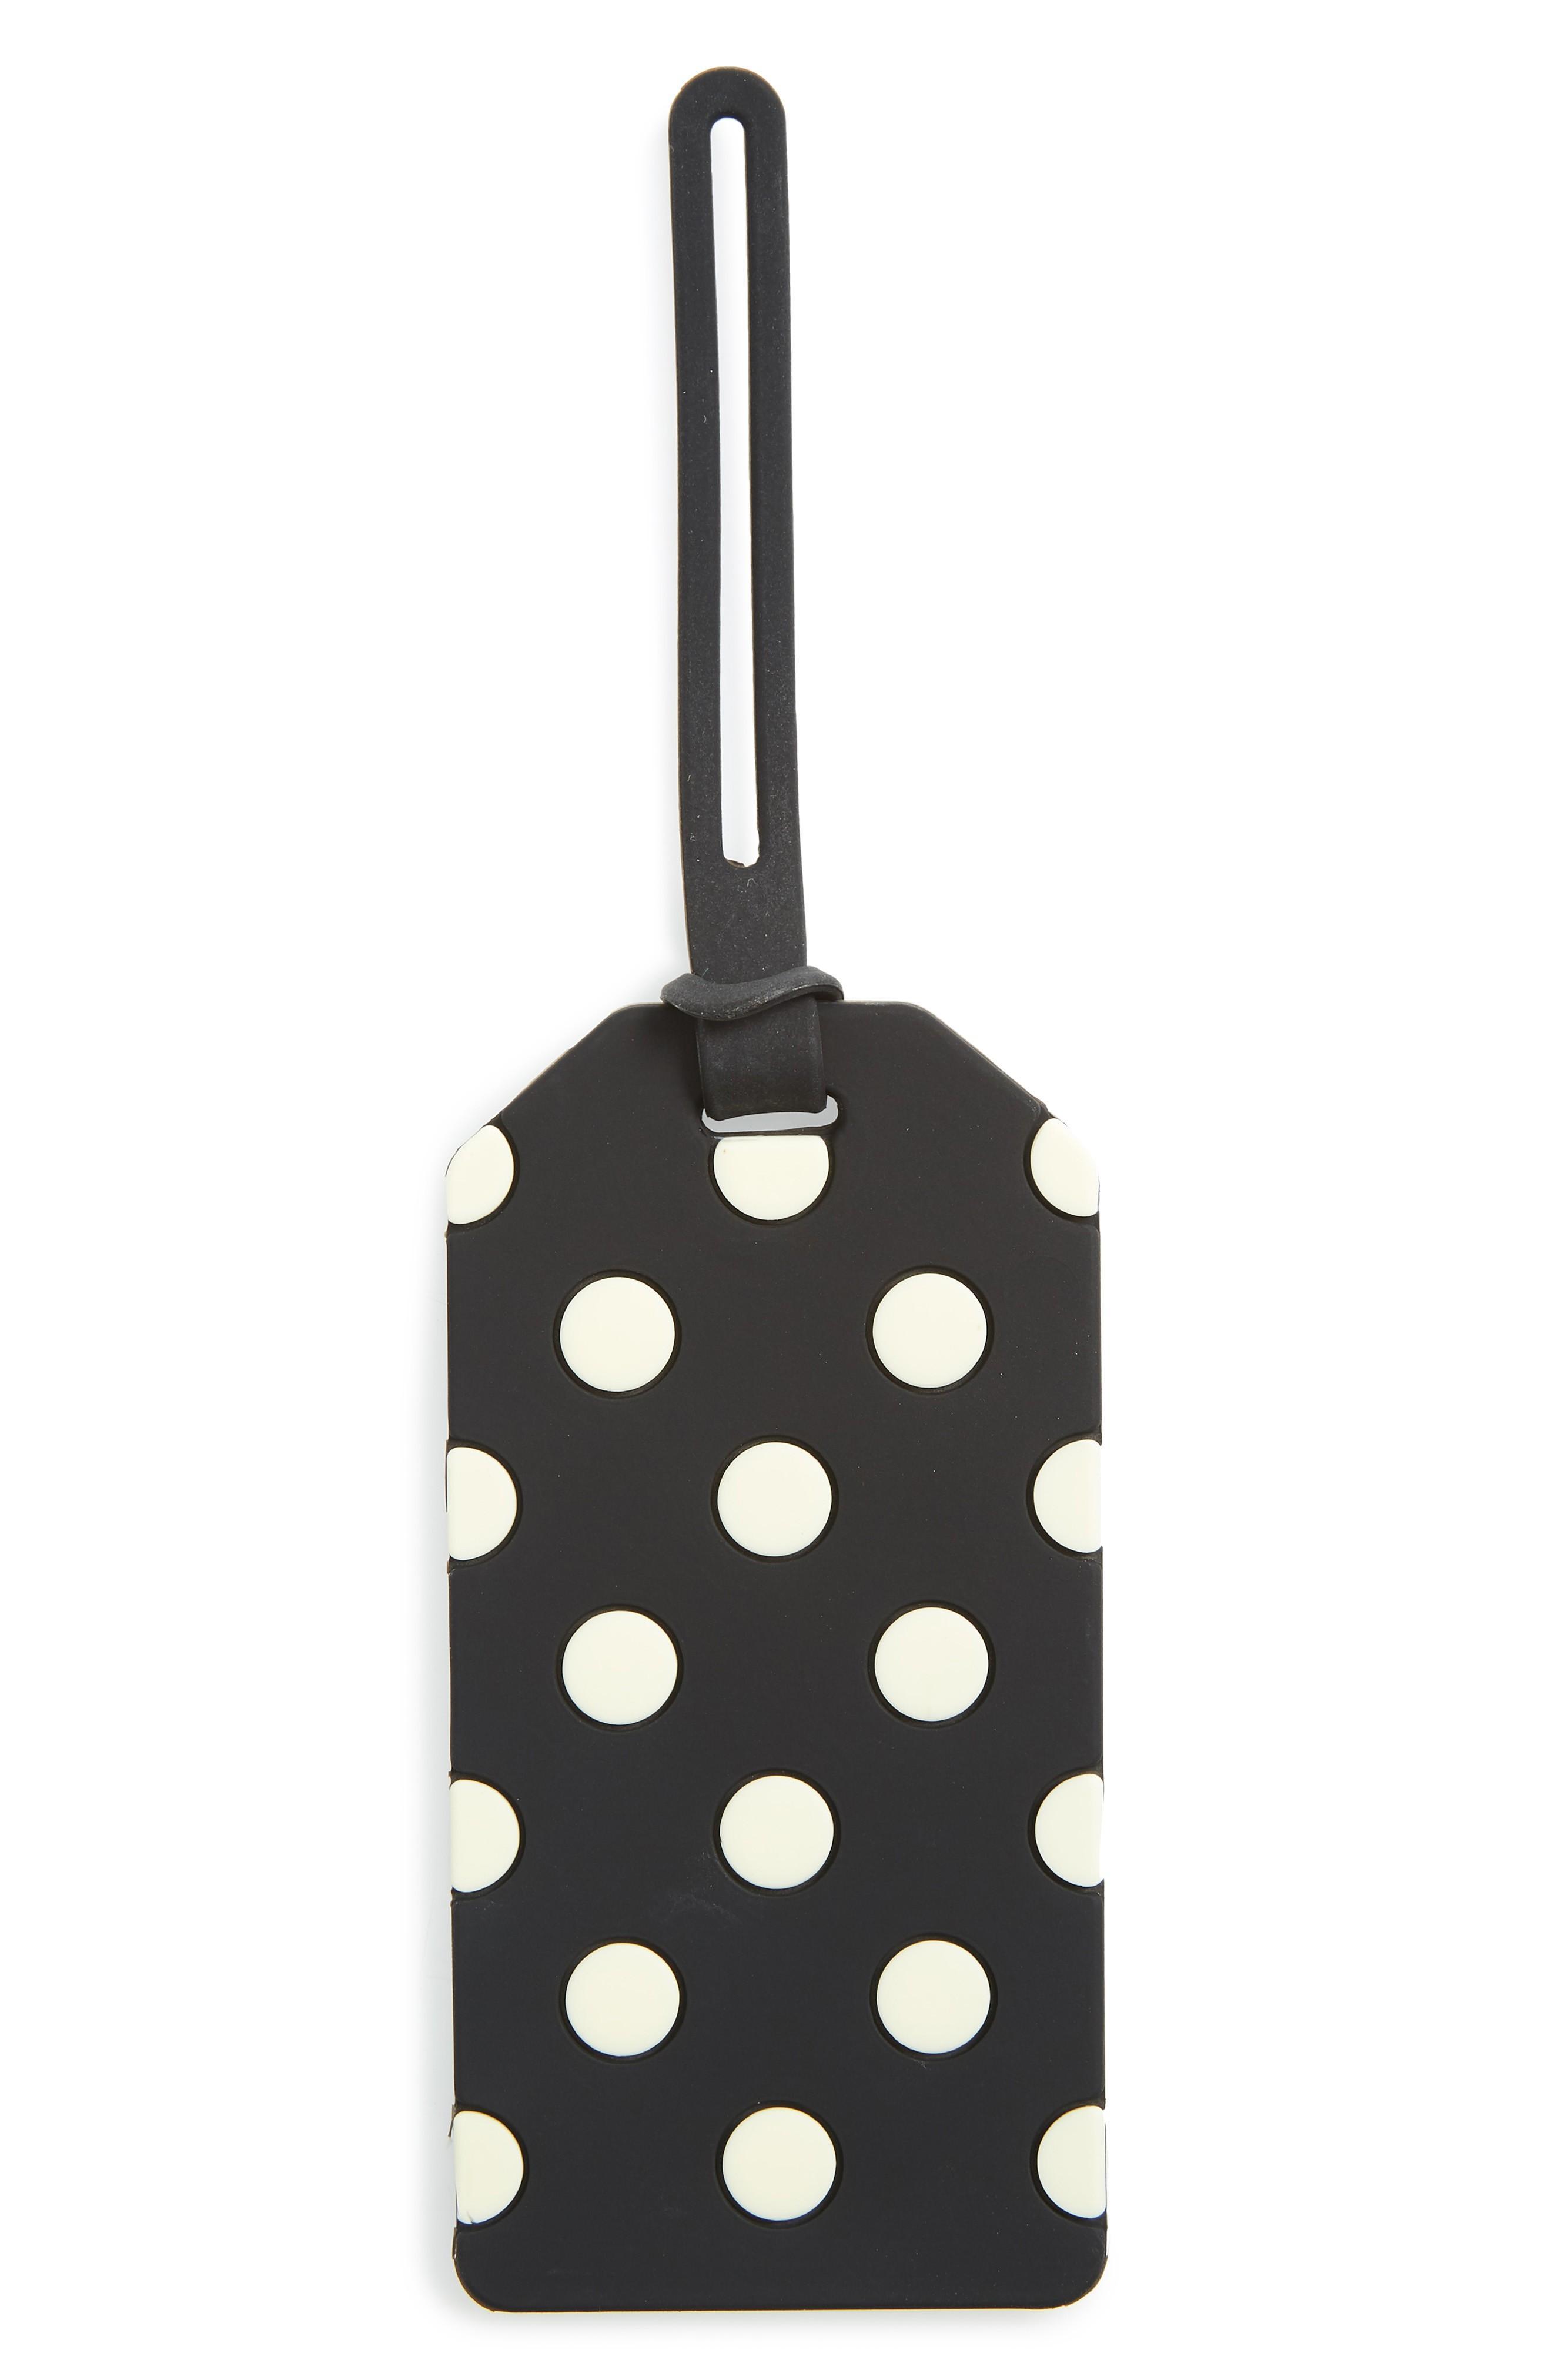 Kate Spade Polka Dot Luggage Tag - Black In Black Dots